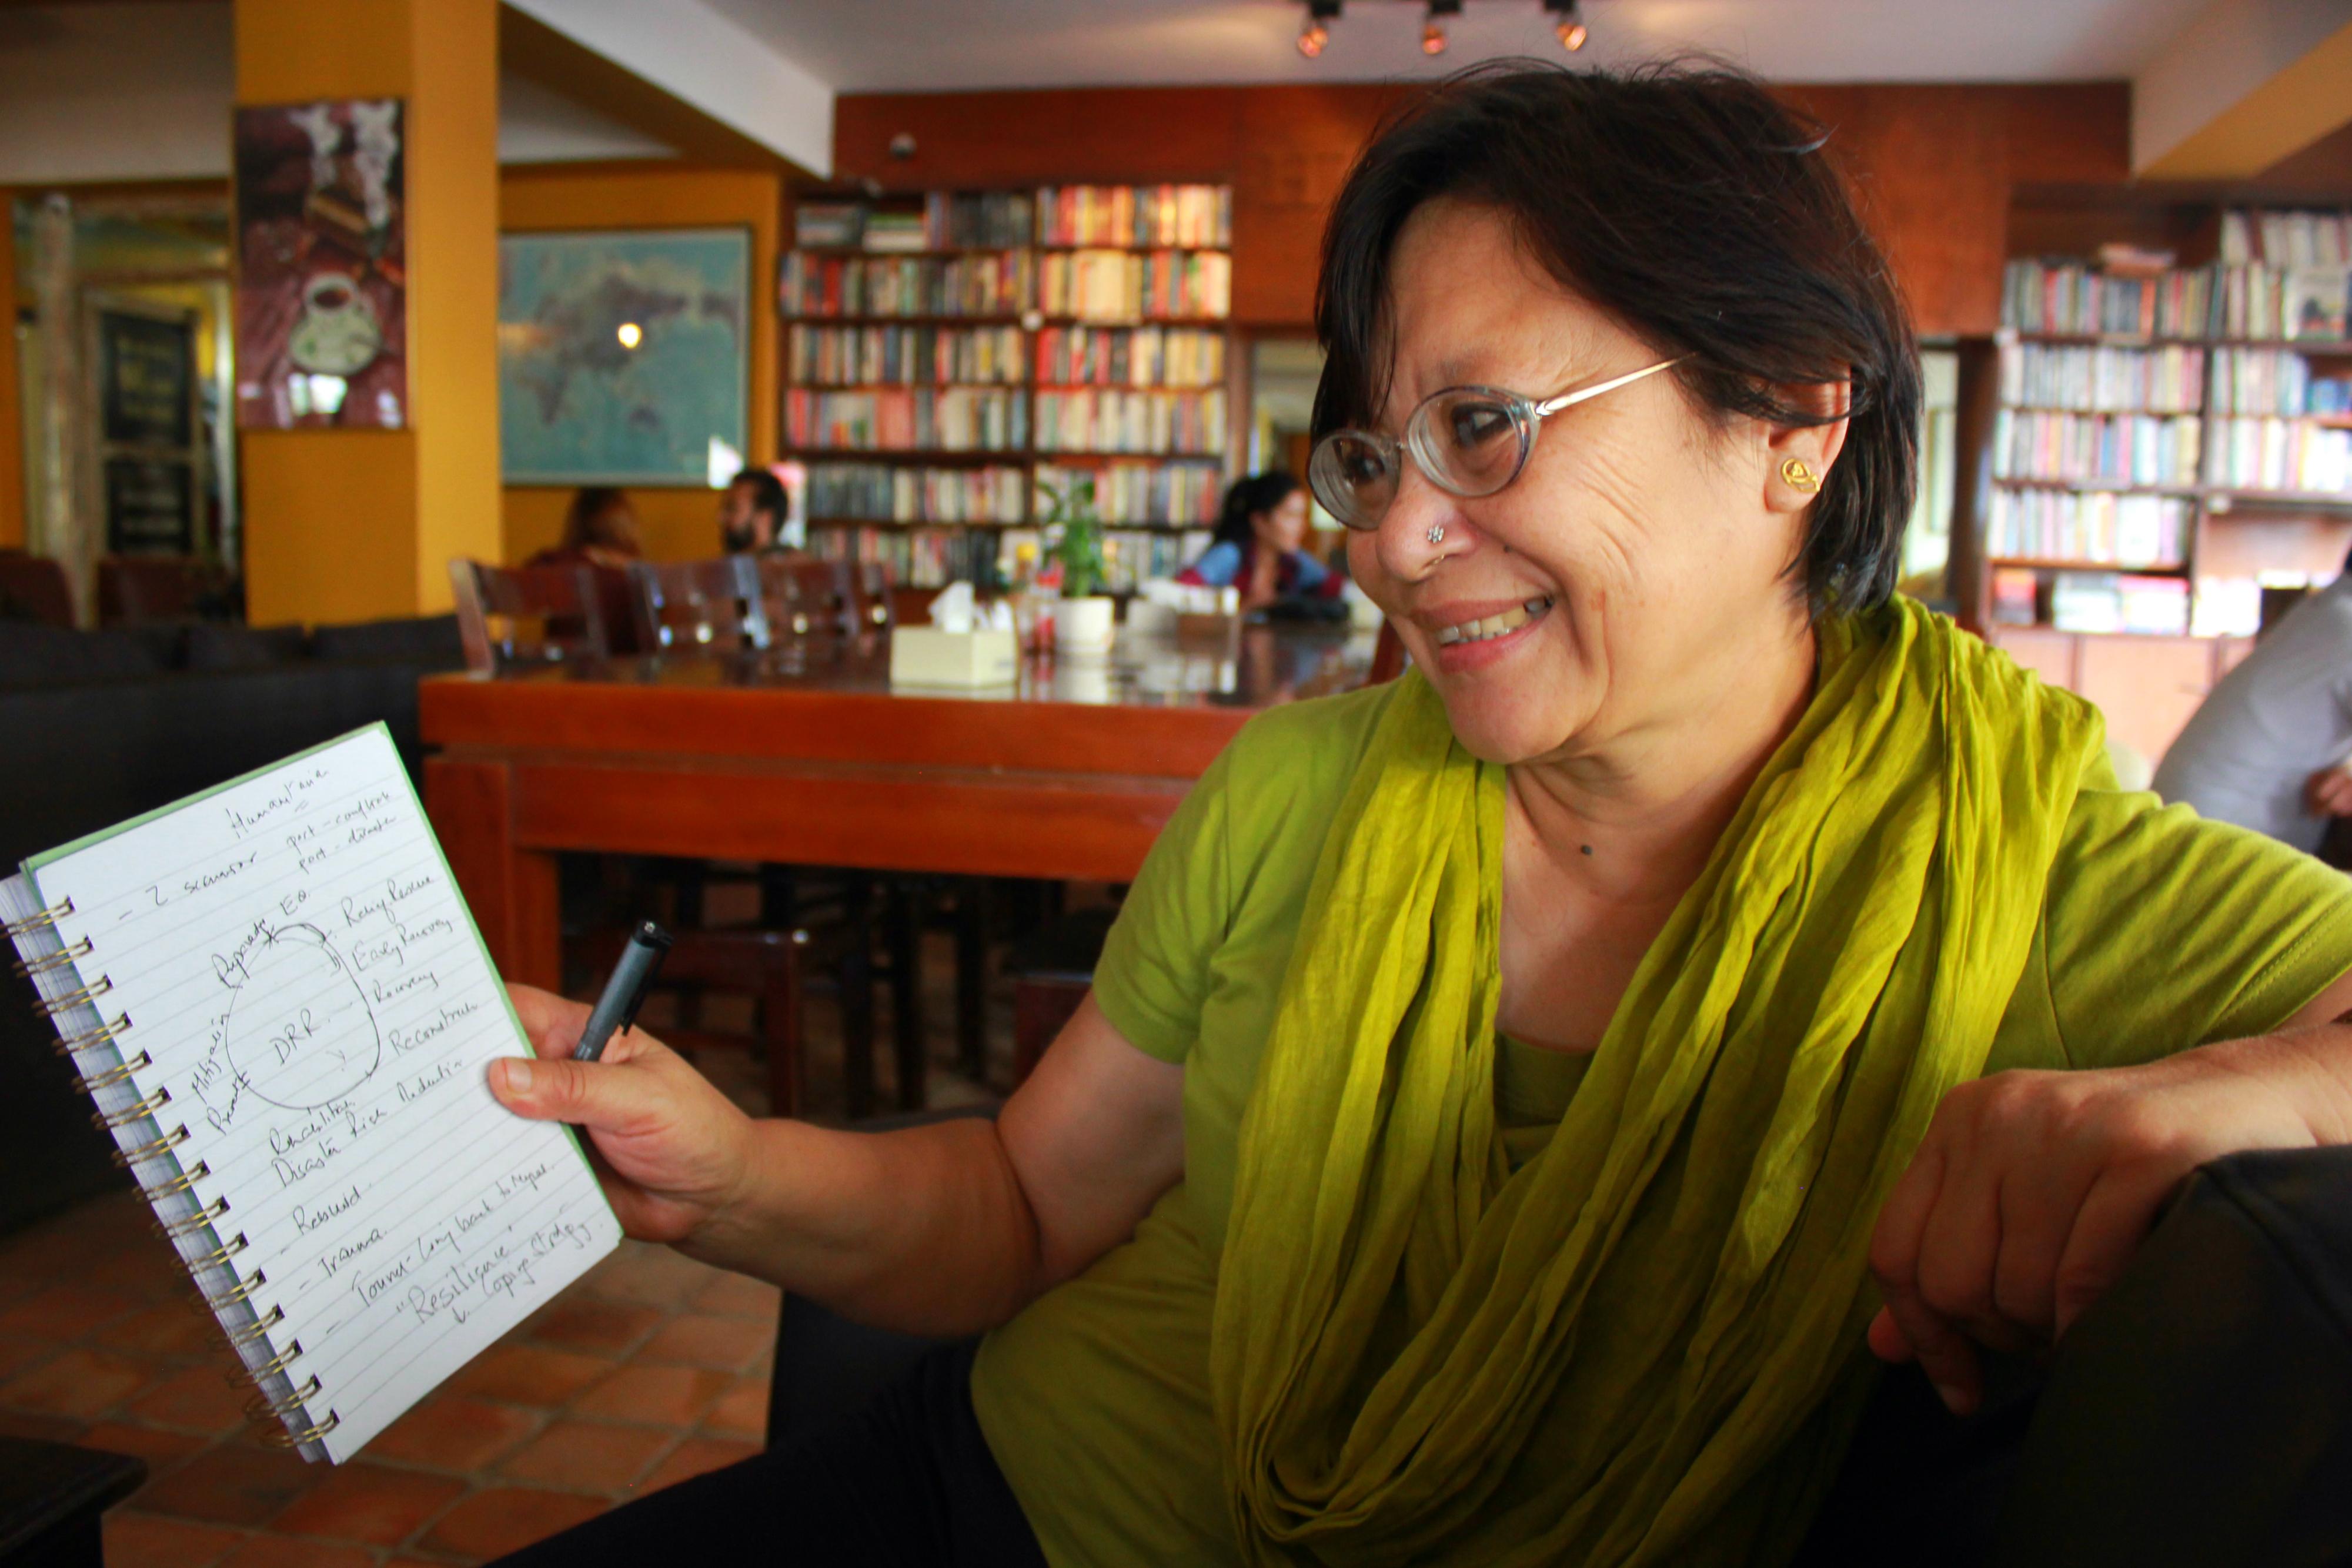 Megh Ranjani Rai var själv en av de drabbade i jordbävningen. Det dröjde över ett år innan hon kunde flytta tillbaka in i sitt hus som förstördes i skalvet. Foto: Celia Boltes